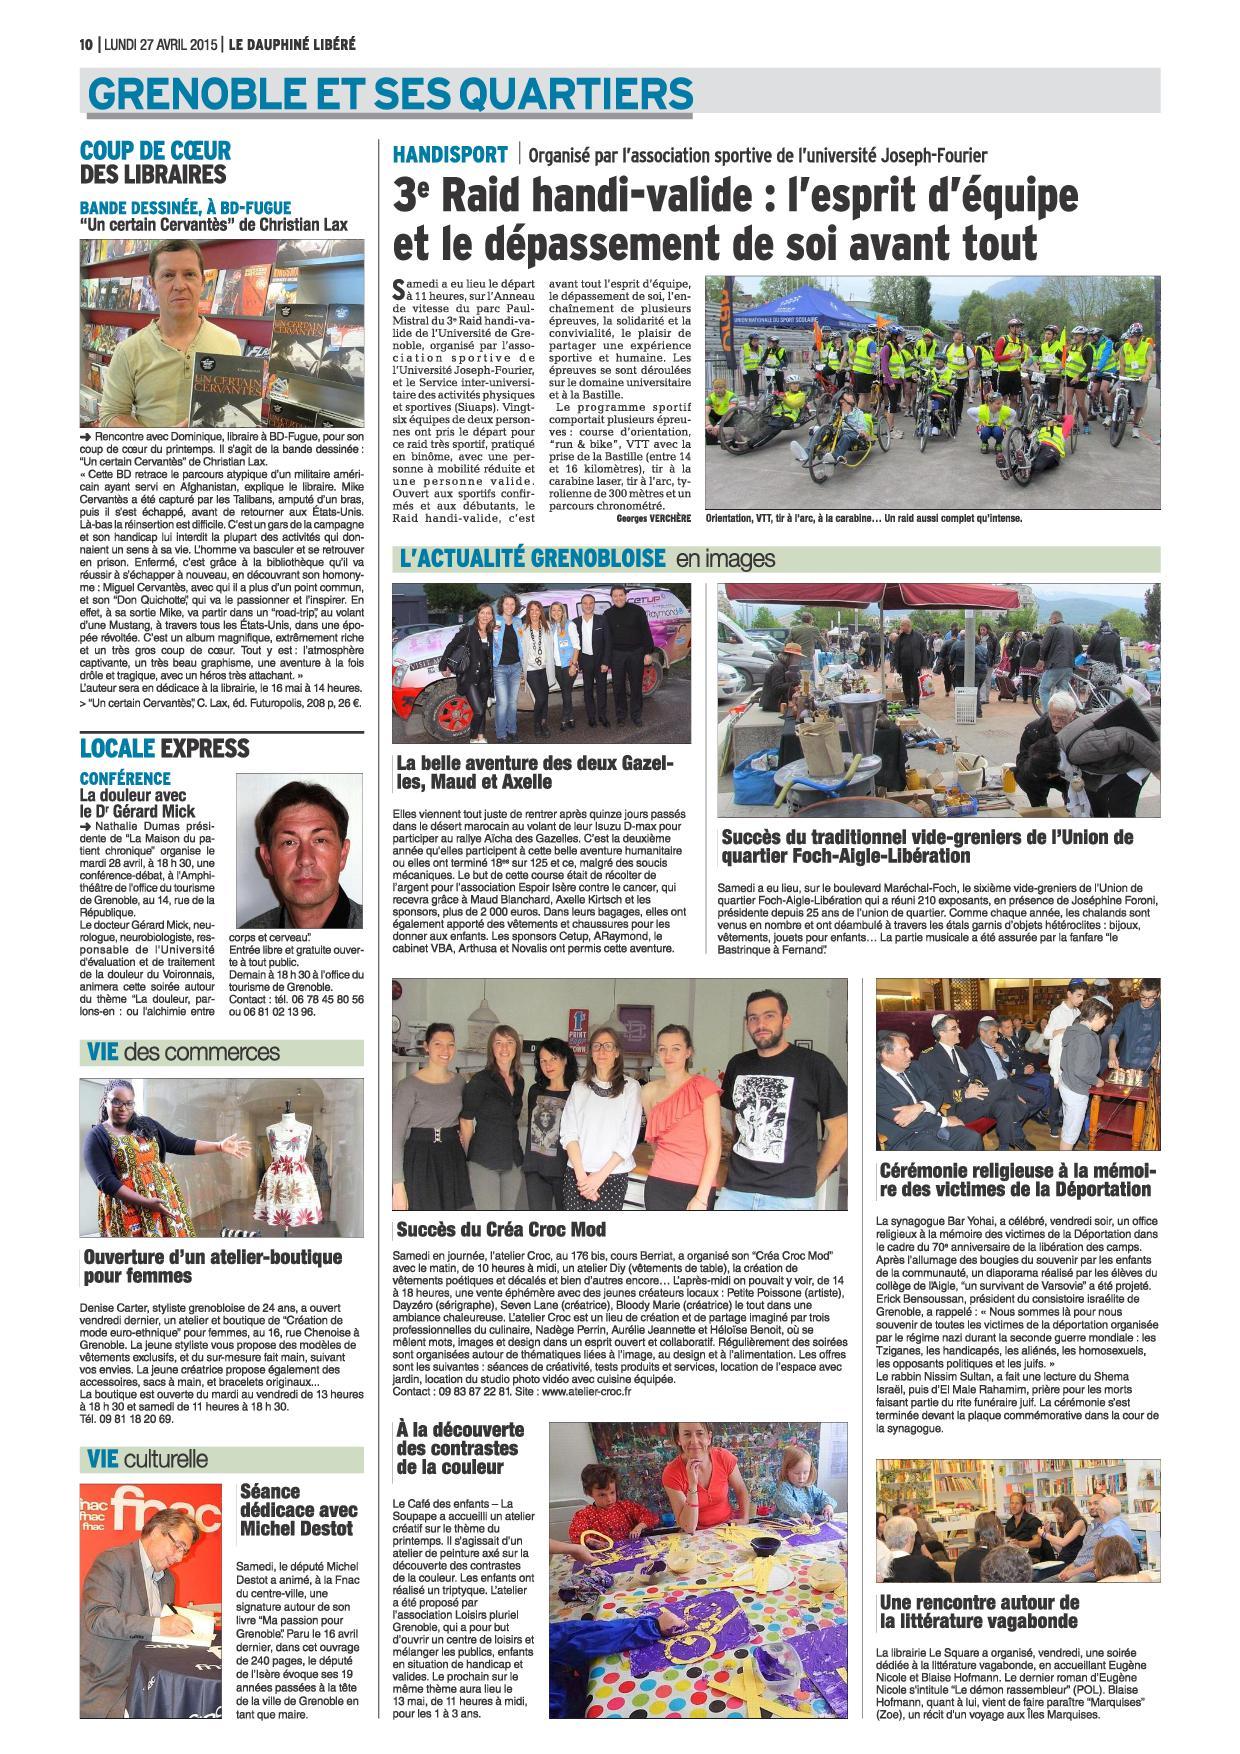 Dauphiné Libéré 27 avril 2015 page 10